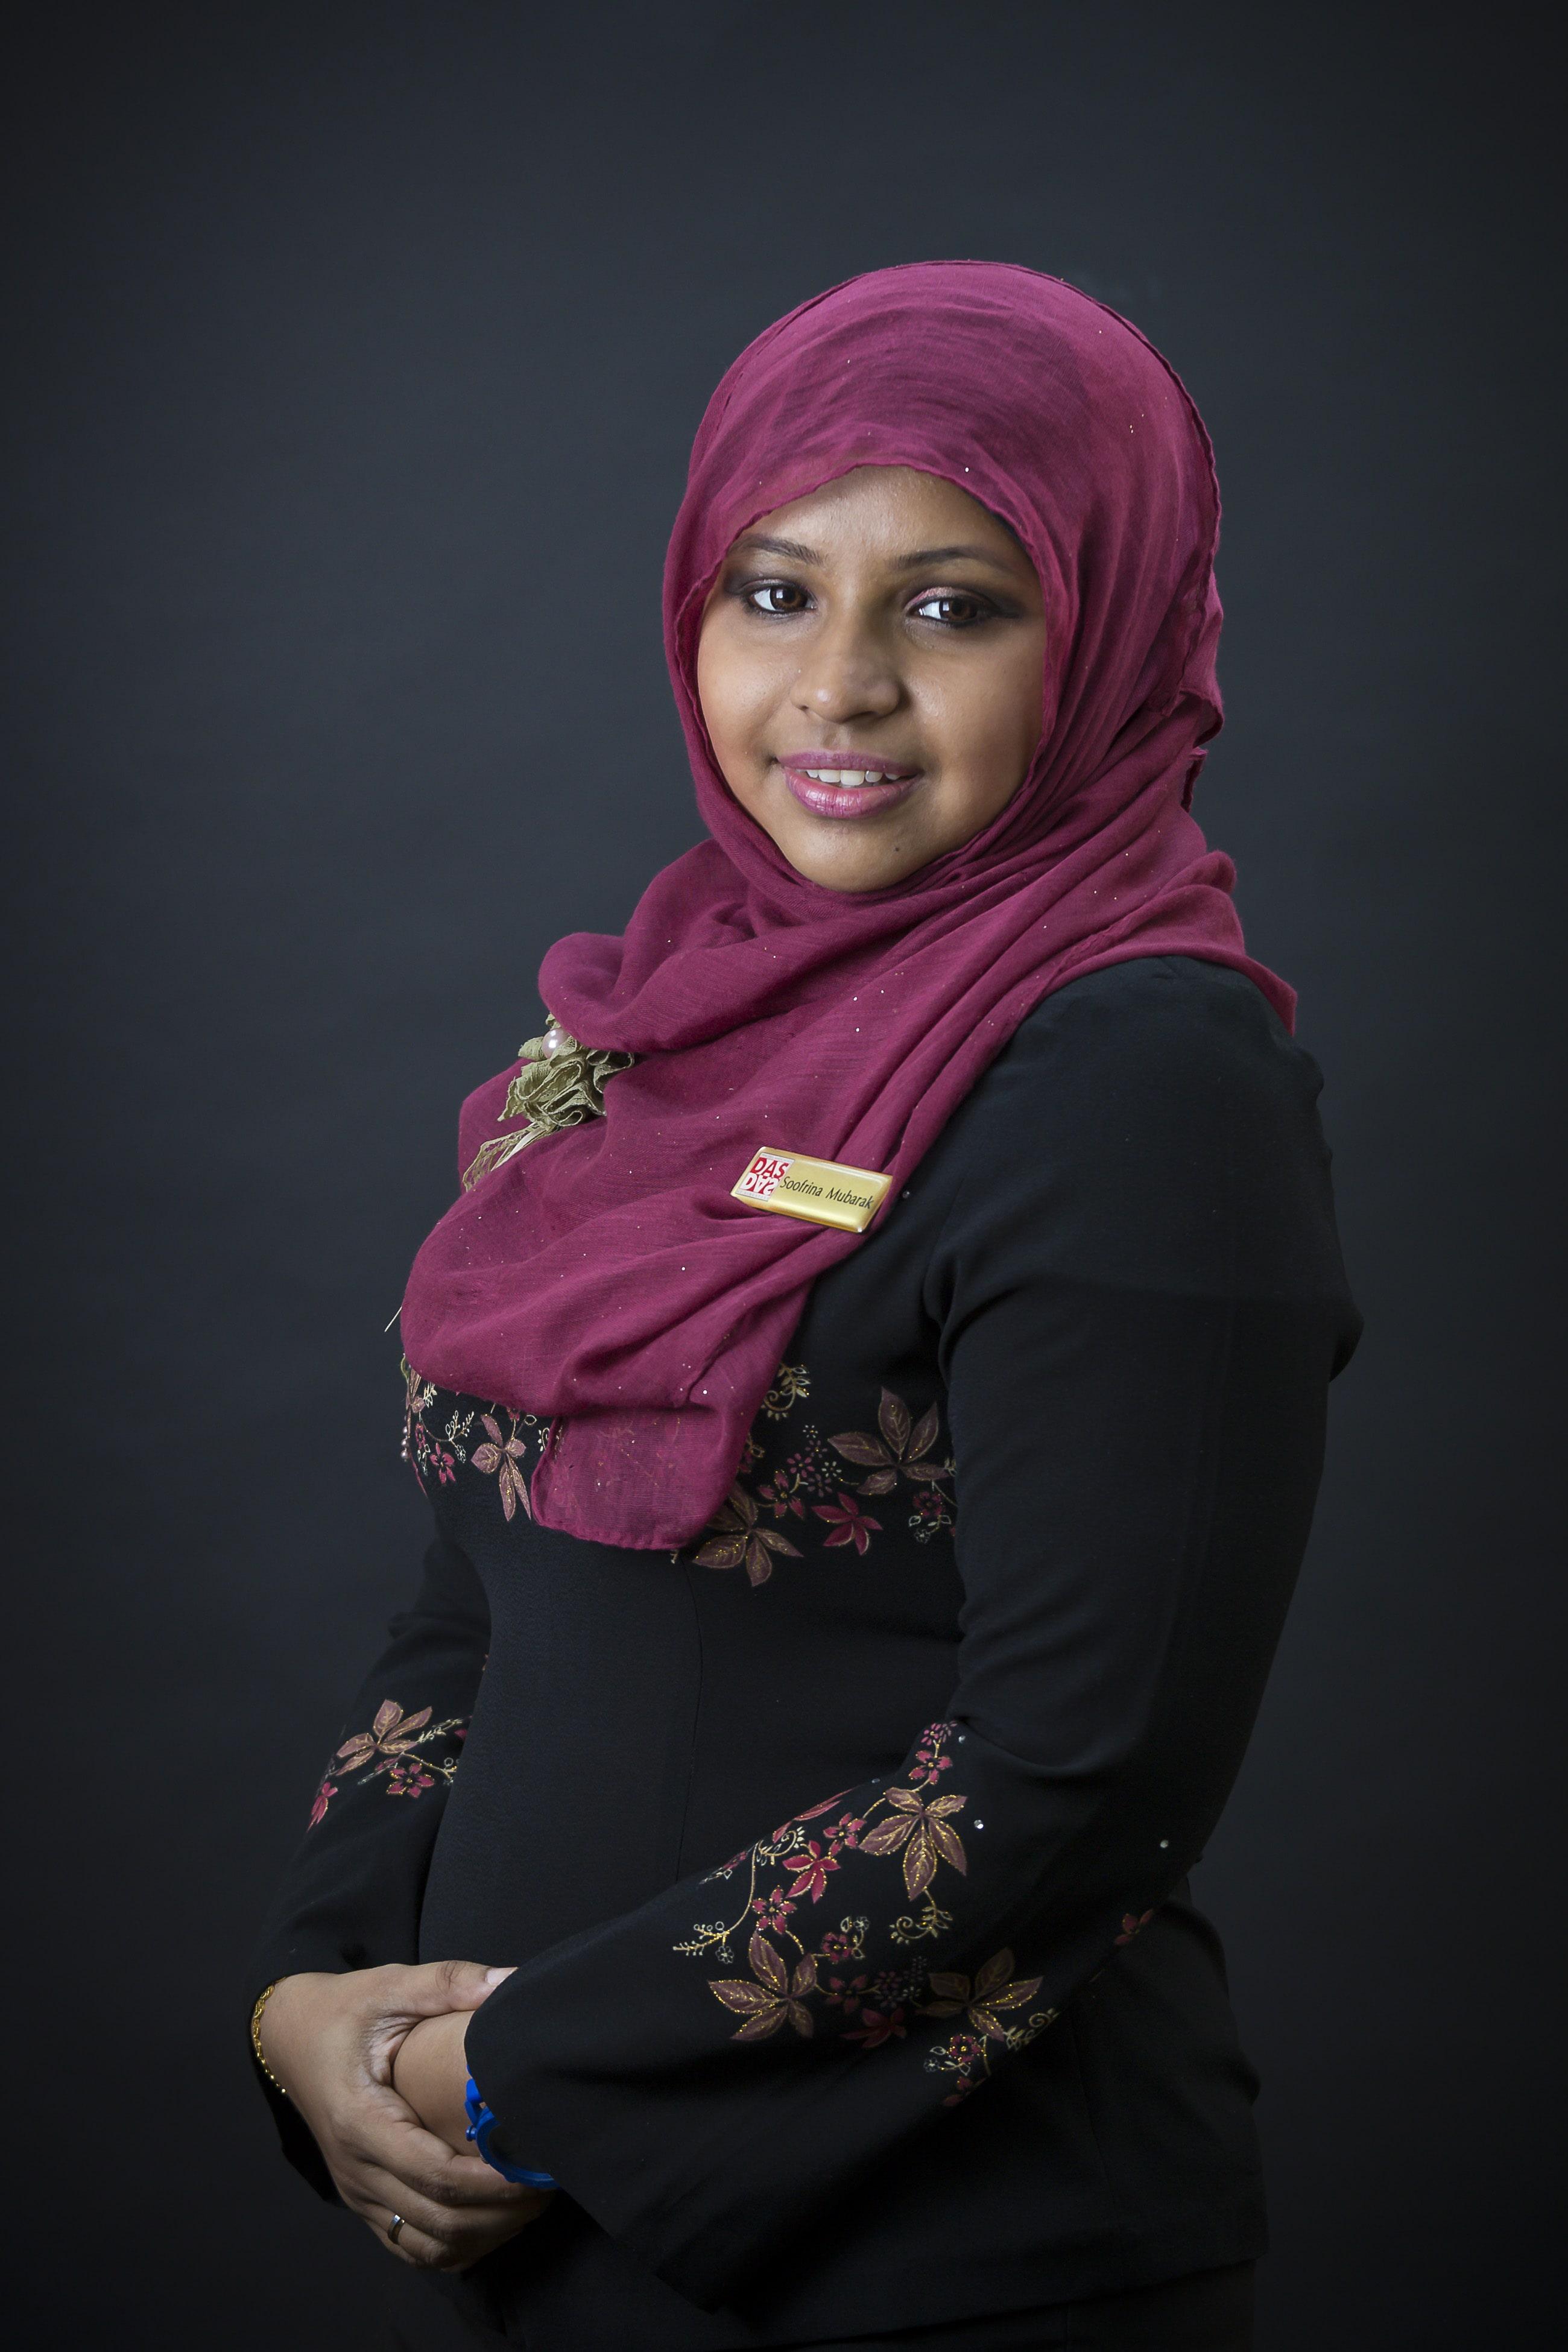 Soofrina Binte Mubarak